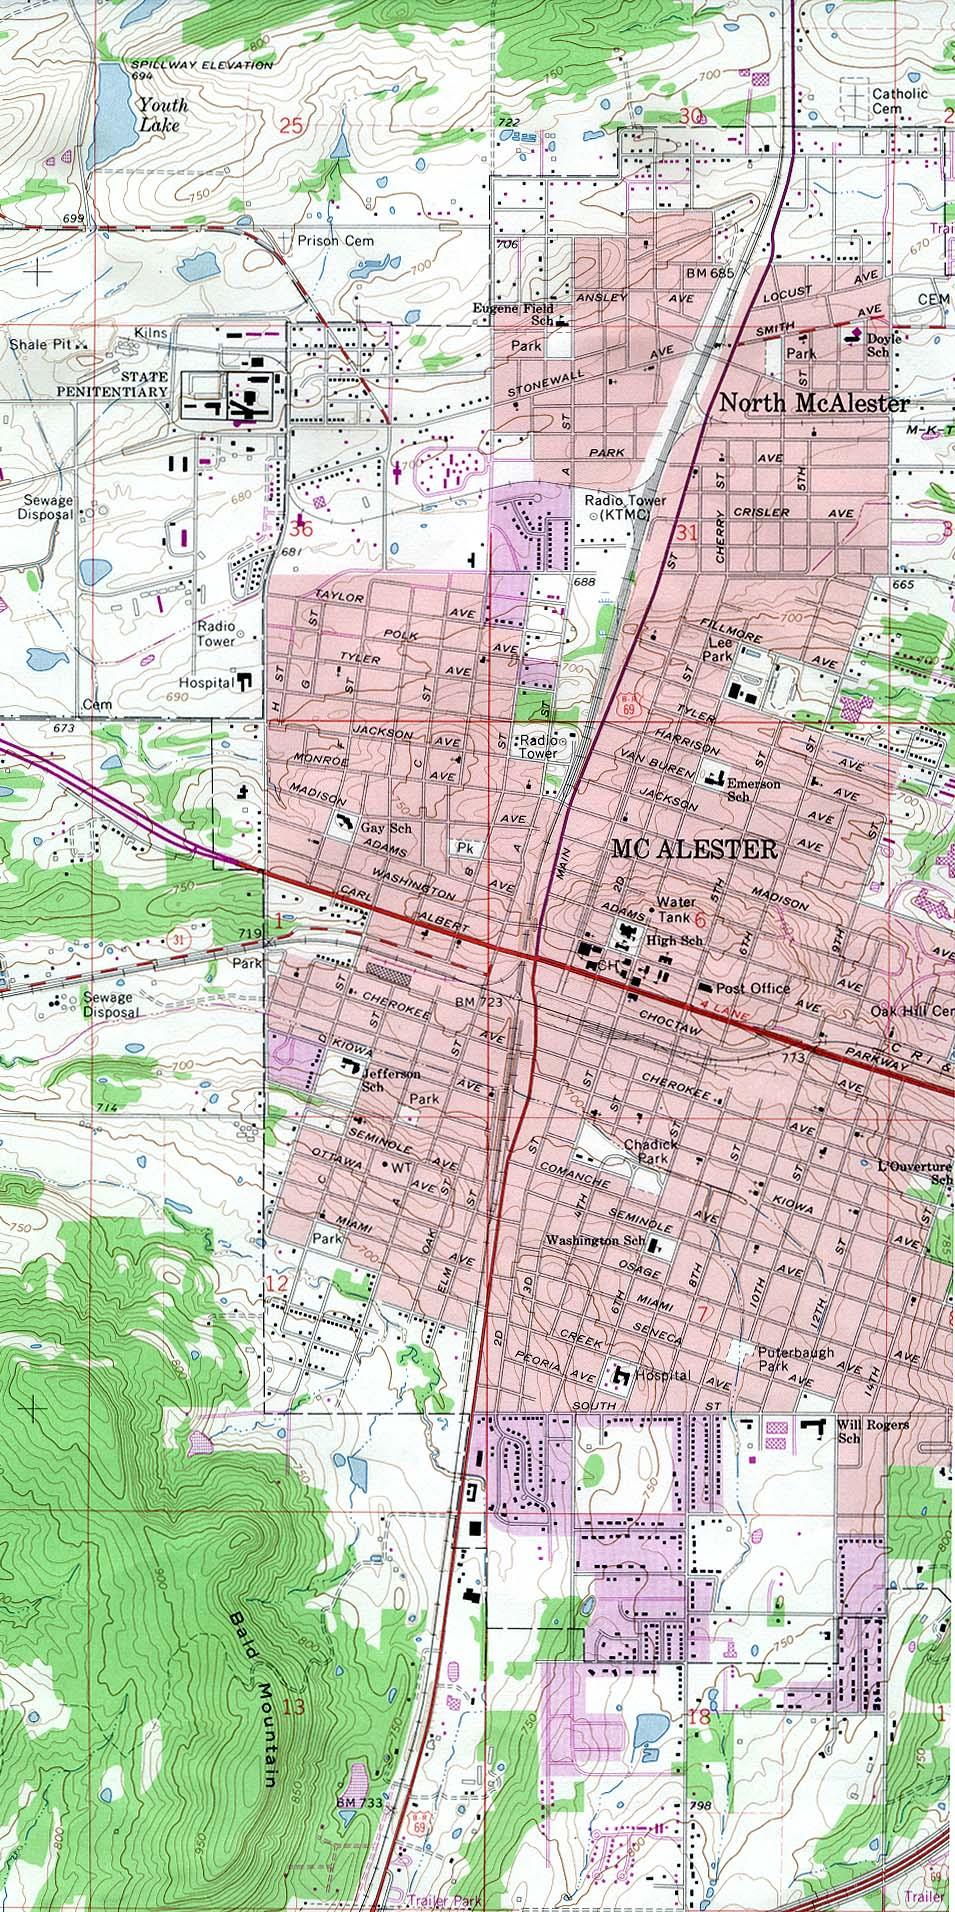 Mapa Topográfico de la Ciudad de Mc Alester, Oklahoma, Estados Unidos